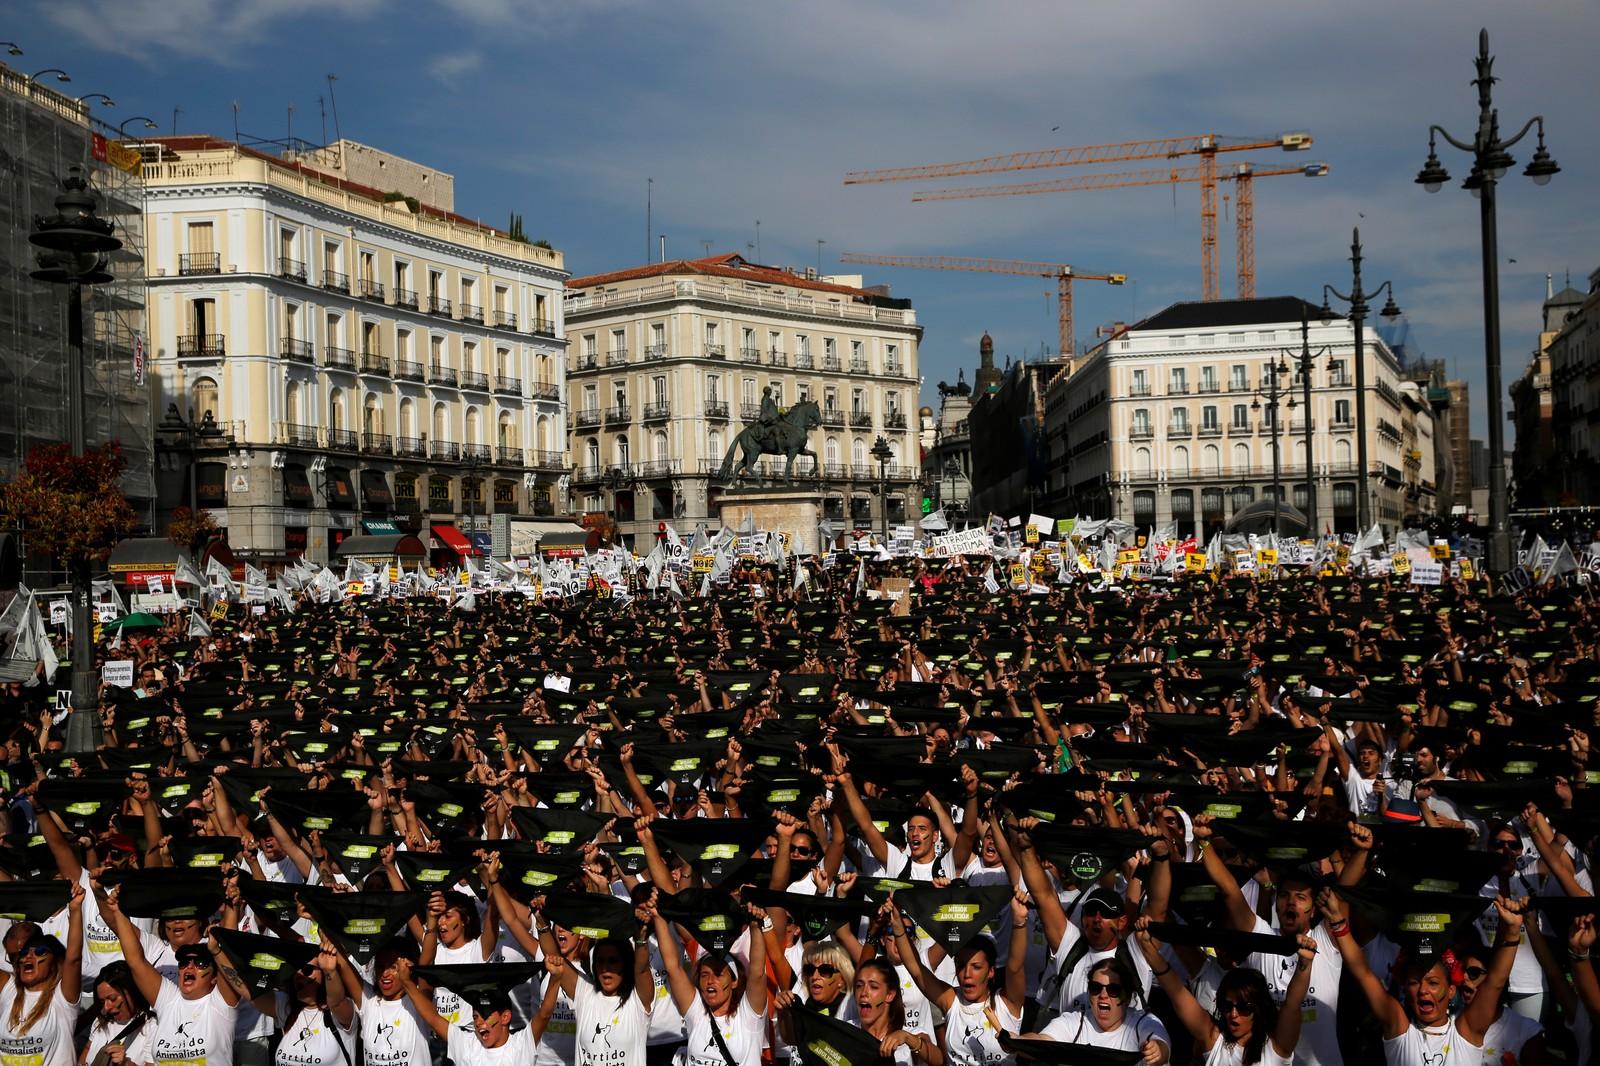 Demonstrasjonen i Madrid i dag er ein av dei største markeringa mot den den gamle spanske tradisjonen nokon gong.